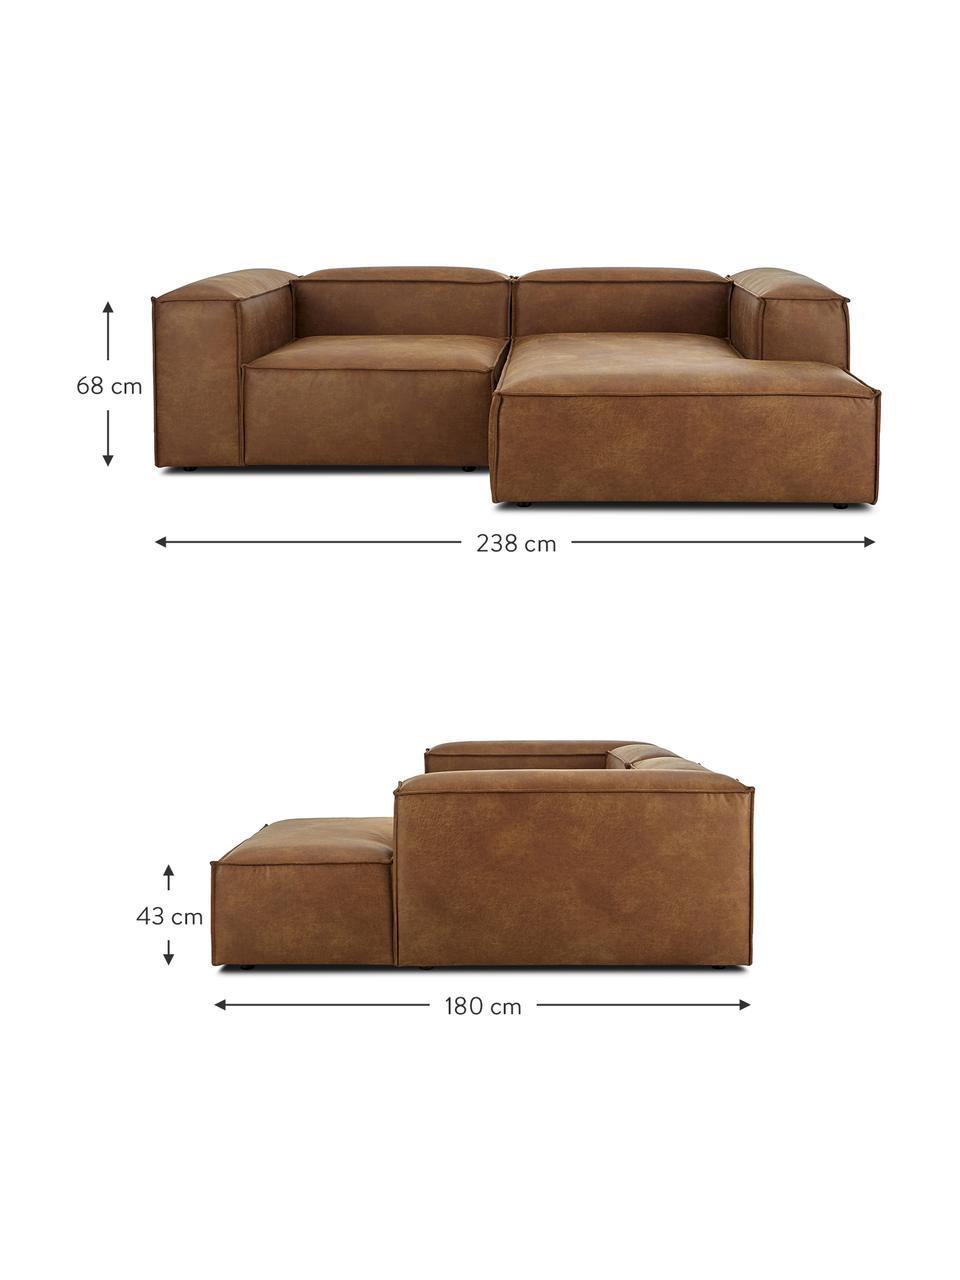 Narożna sofa modułowa ze skóry z recyklingu Lennon, Tapicerka: skóra z recyklingu (70% s, Nogi: tworzywo sztuczne Nogi zn, Brązowy, S 238 x G 180 cm